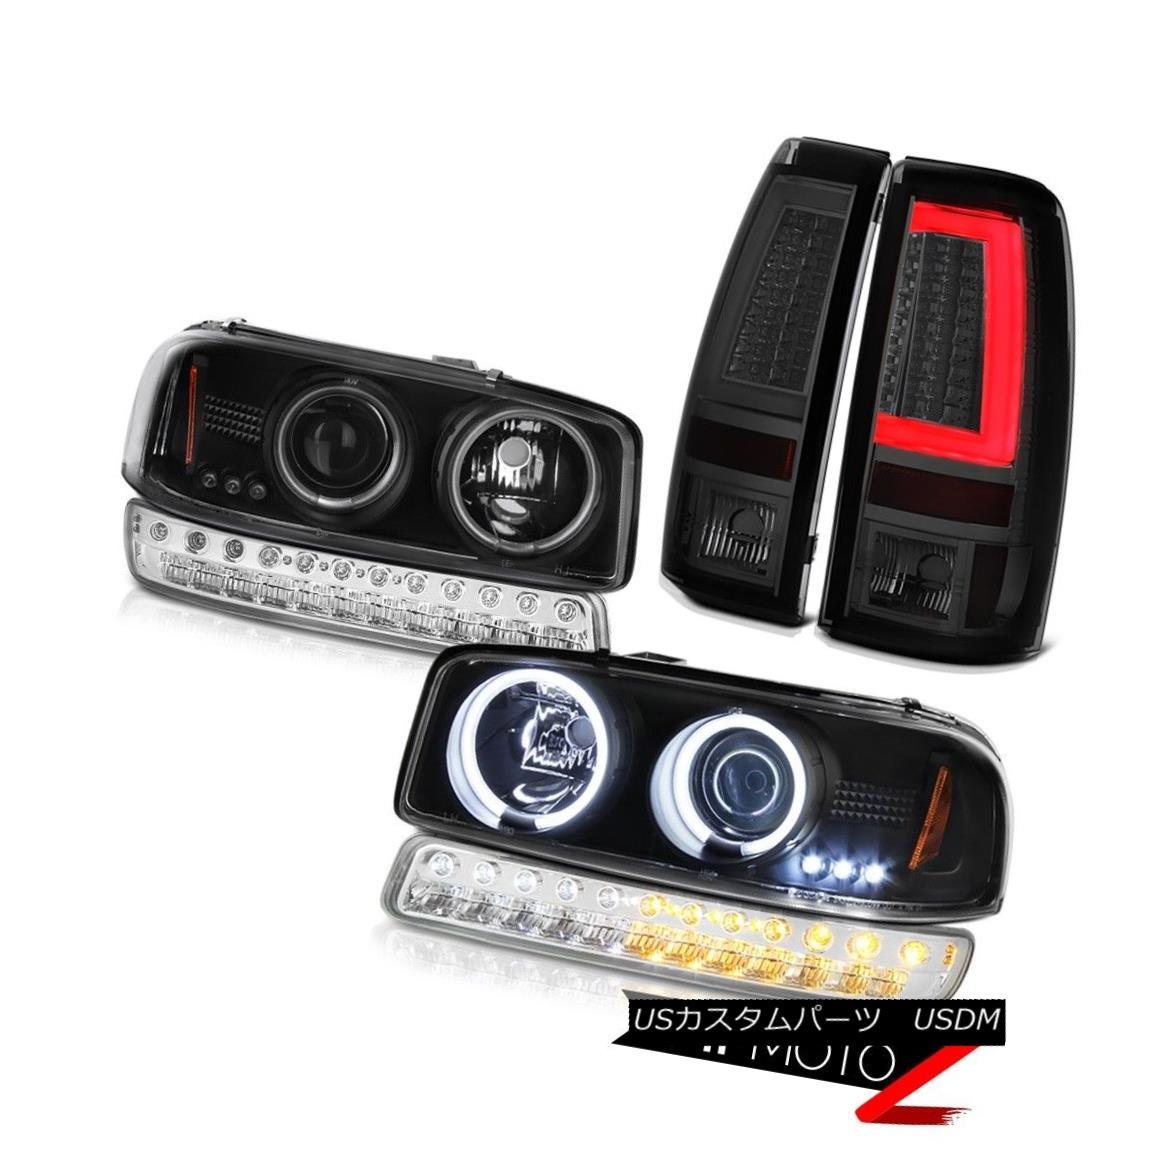 テールライト 1999-2006 Sierra SLT Taillights Chrome Parking Lamp CCFL Headlights